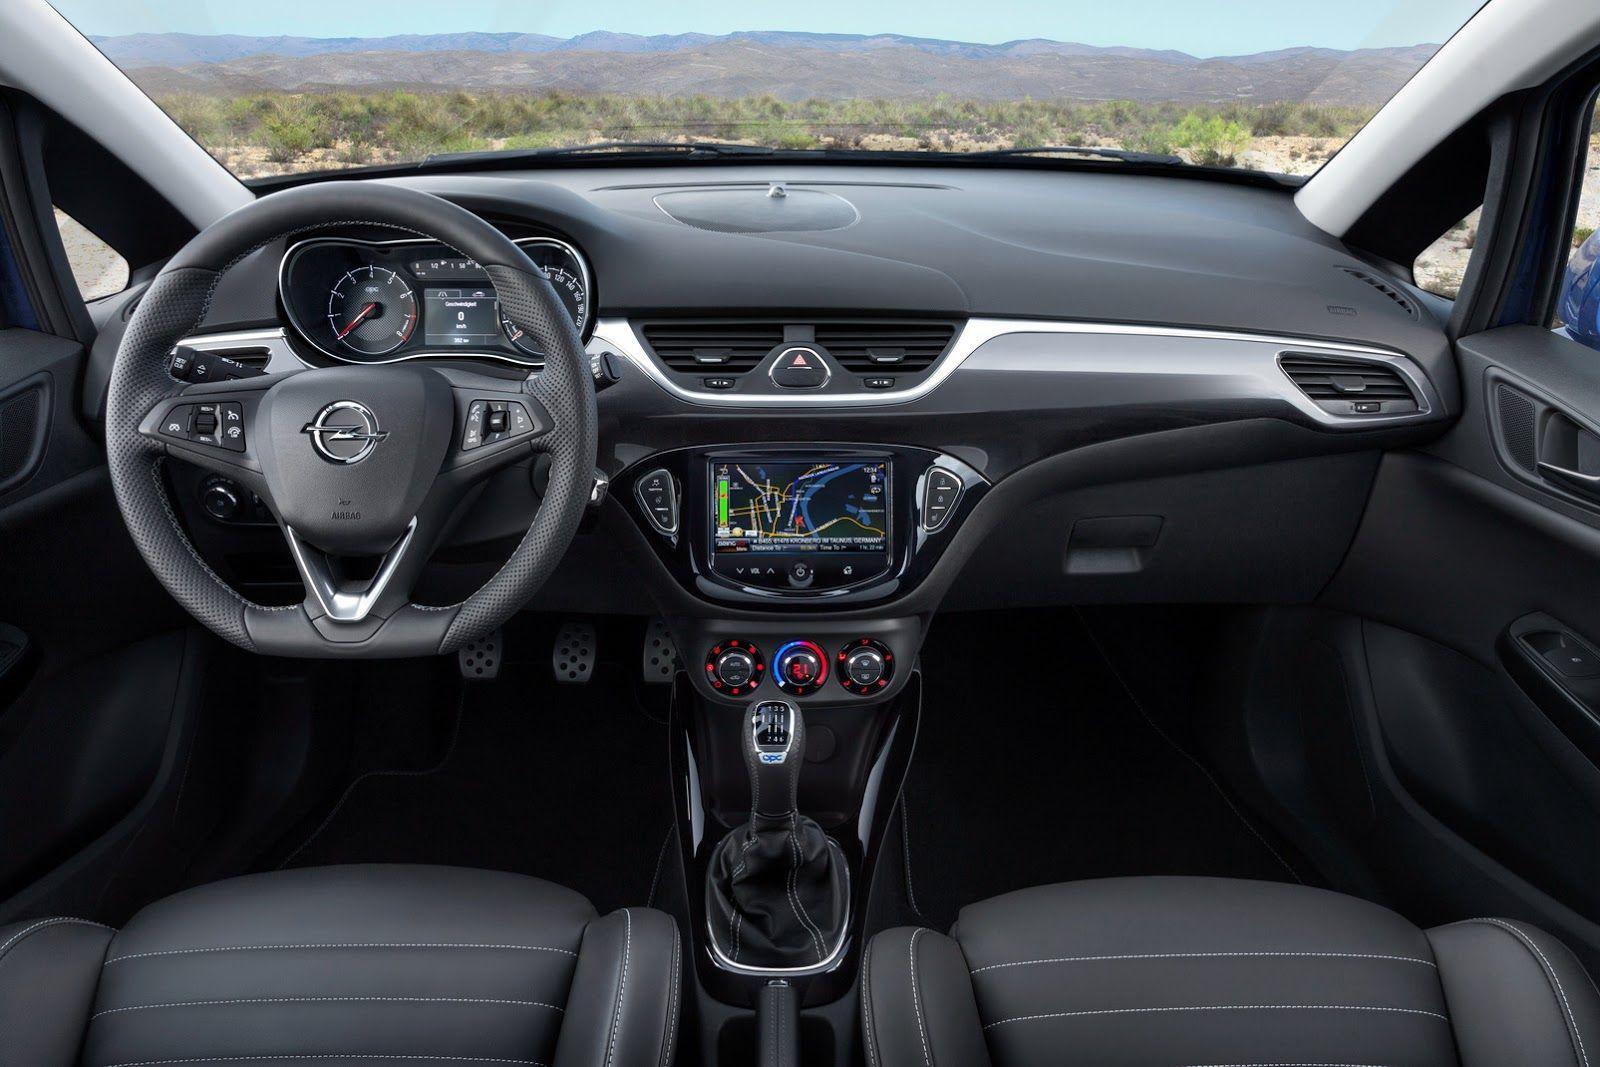 New Photos of Opel Corsa OPC Expose Interior